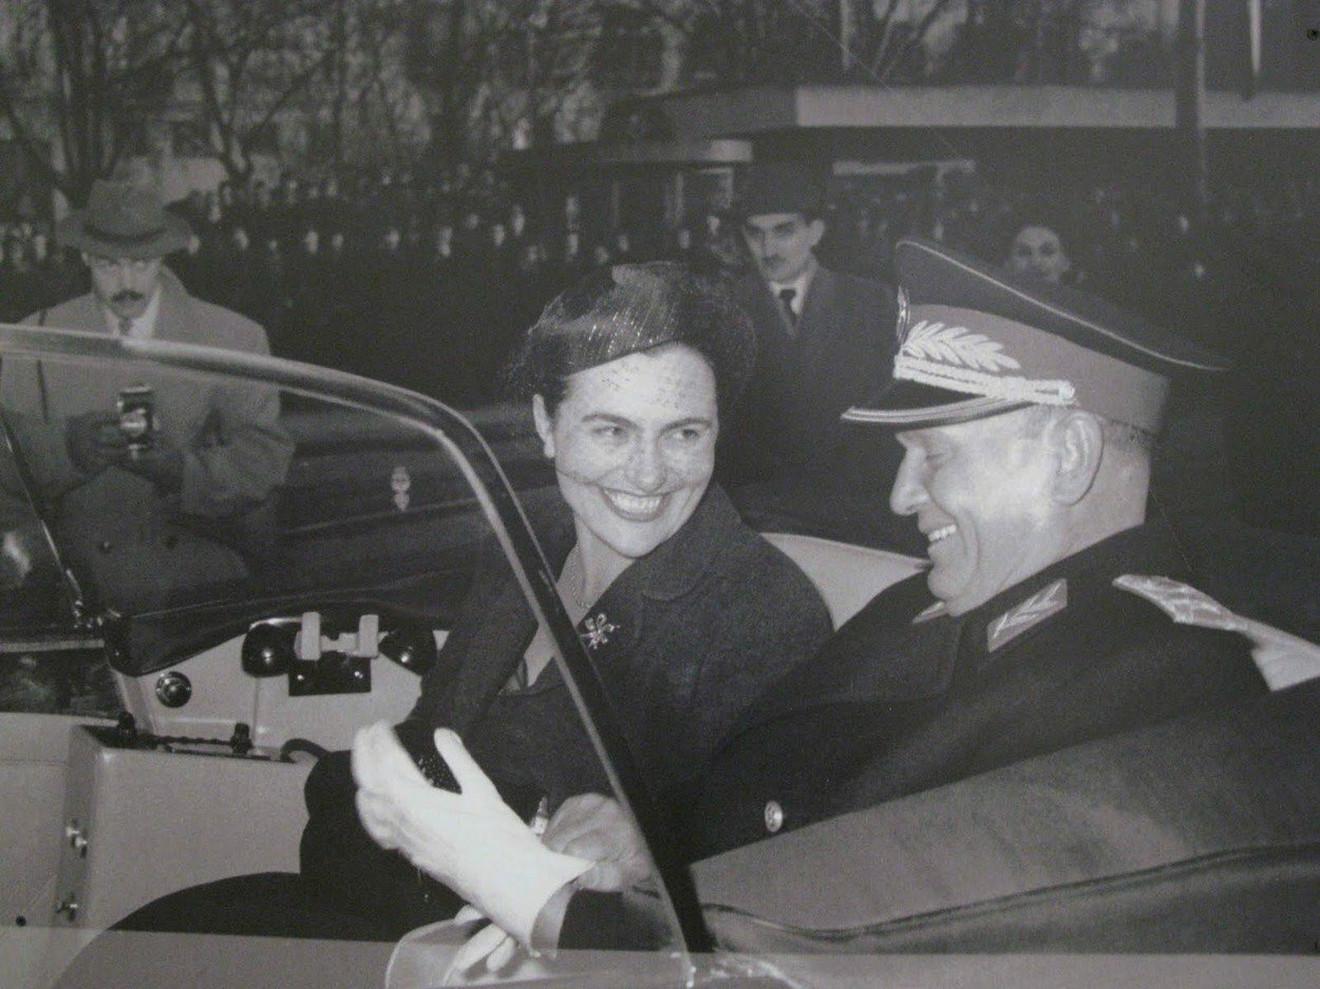 Jovanka i Broz bili su među najznačajnijim političkim parovima tog vremena na svetu